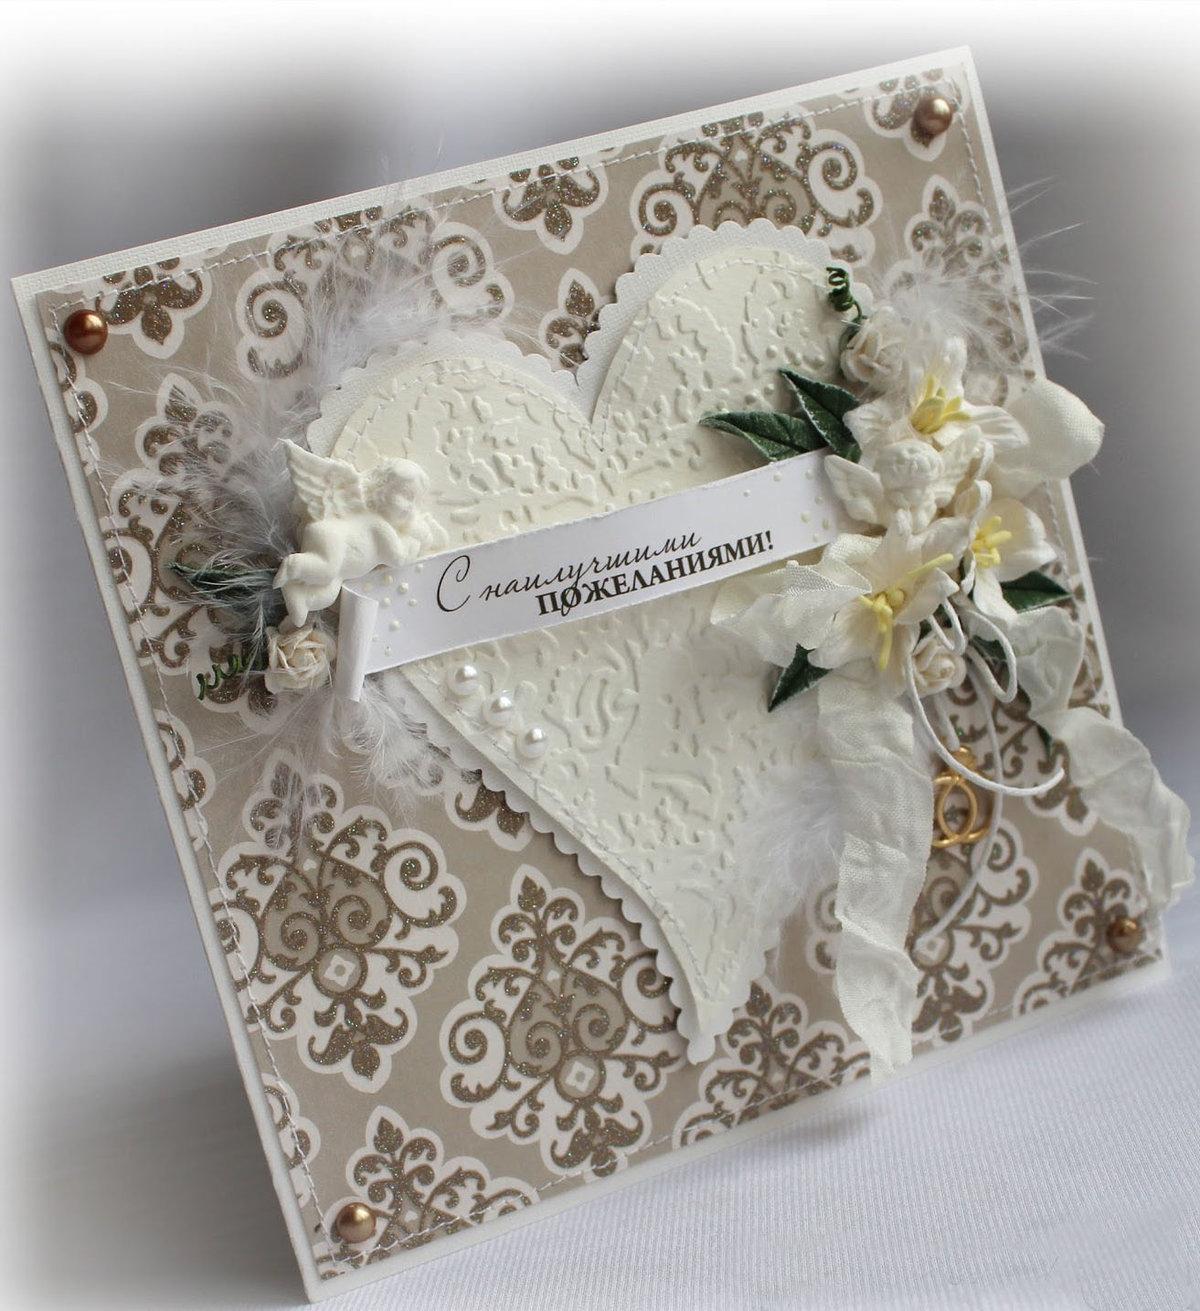 Красивая открытка к свадьбе своими руками